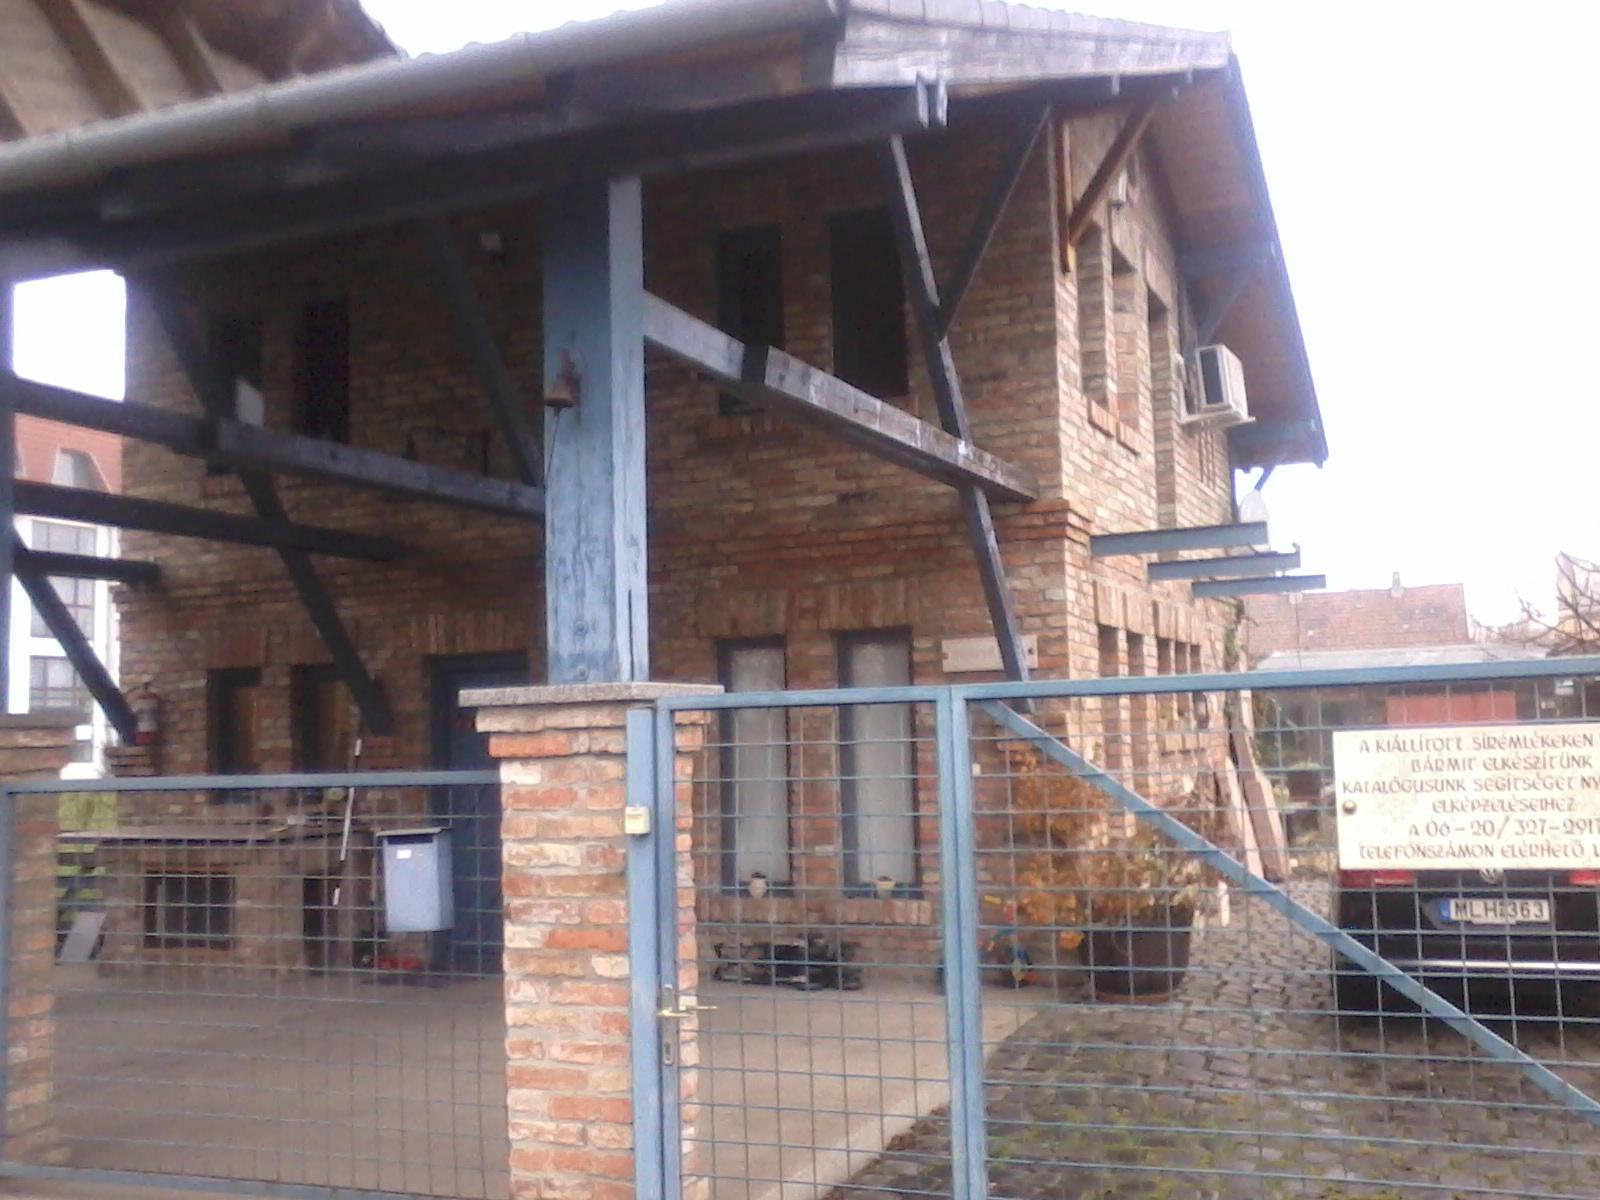 Ostatní - Zajímavý dům s obkladem, nebo vyzděný ze starých cihel - kvalita fotky sice nic moc.